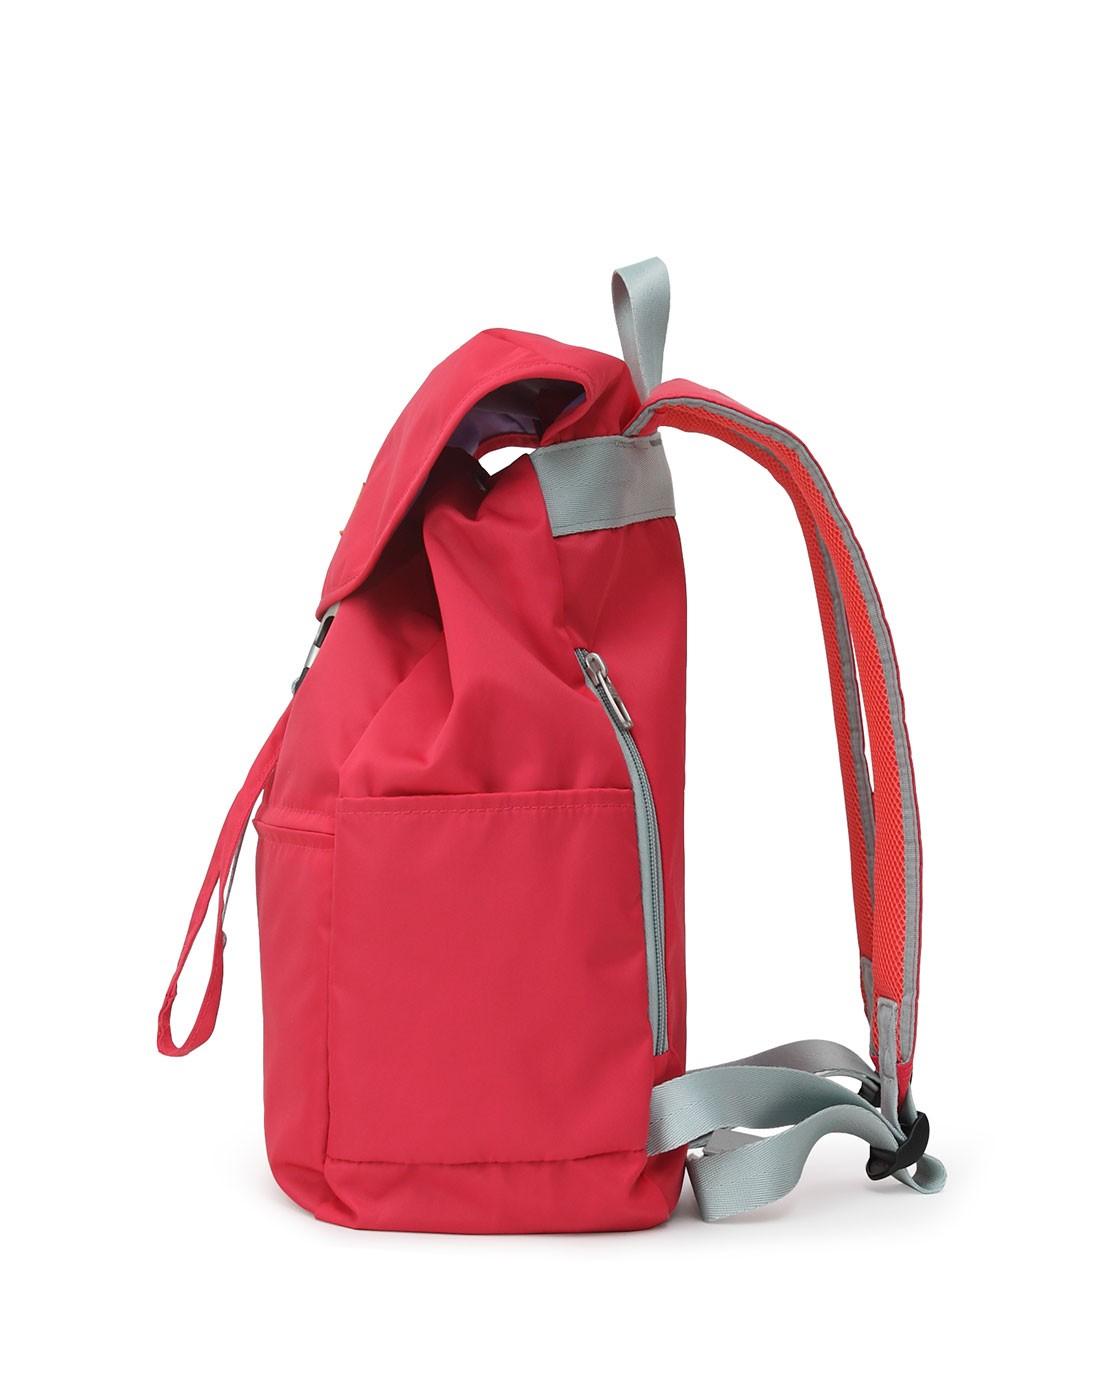 2015新款女款红色翻盖水桶双肩包